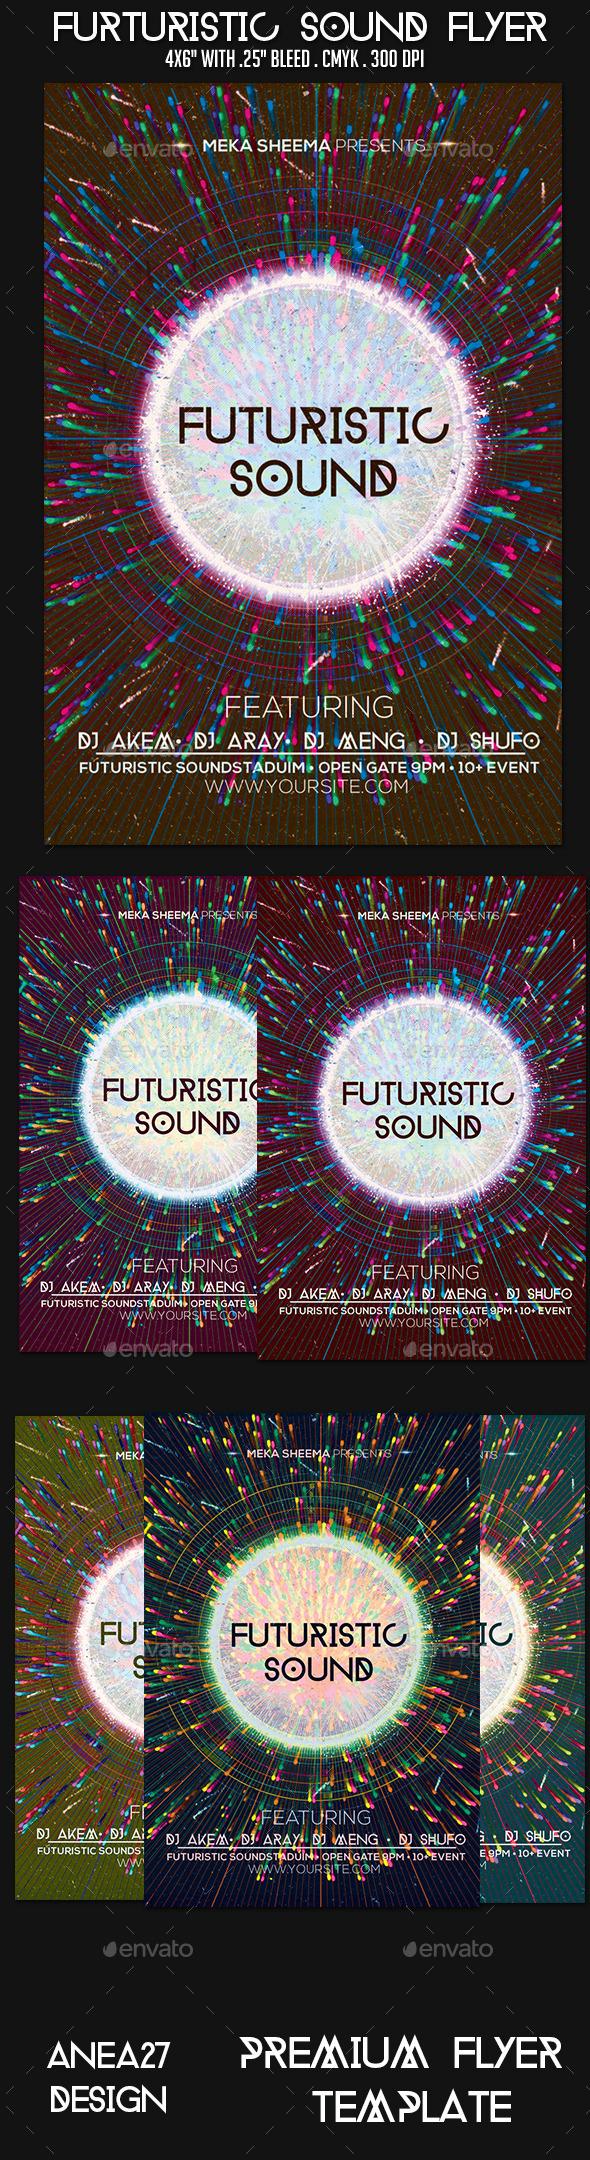 GraphicRiver Futuristic Sound Flyer 9503926